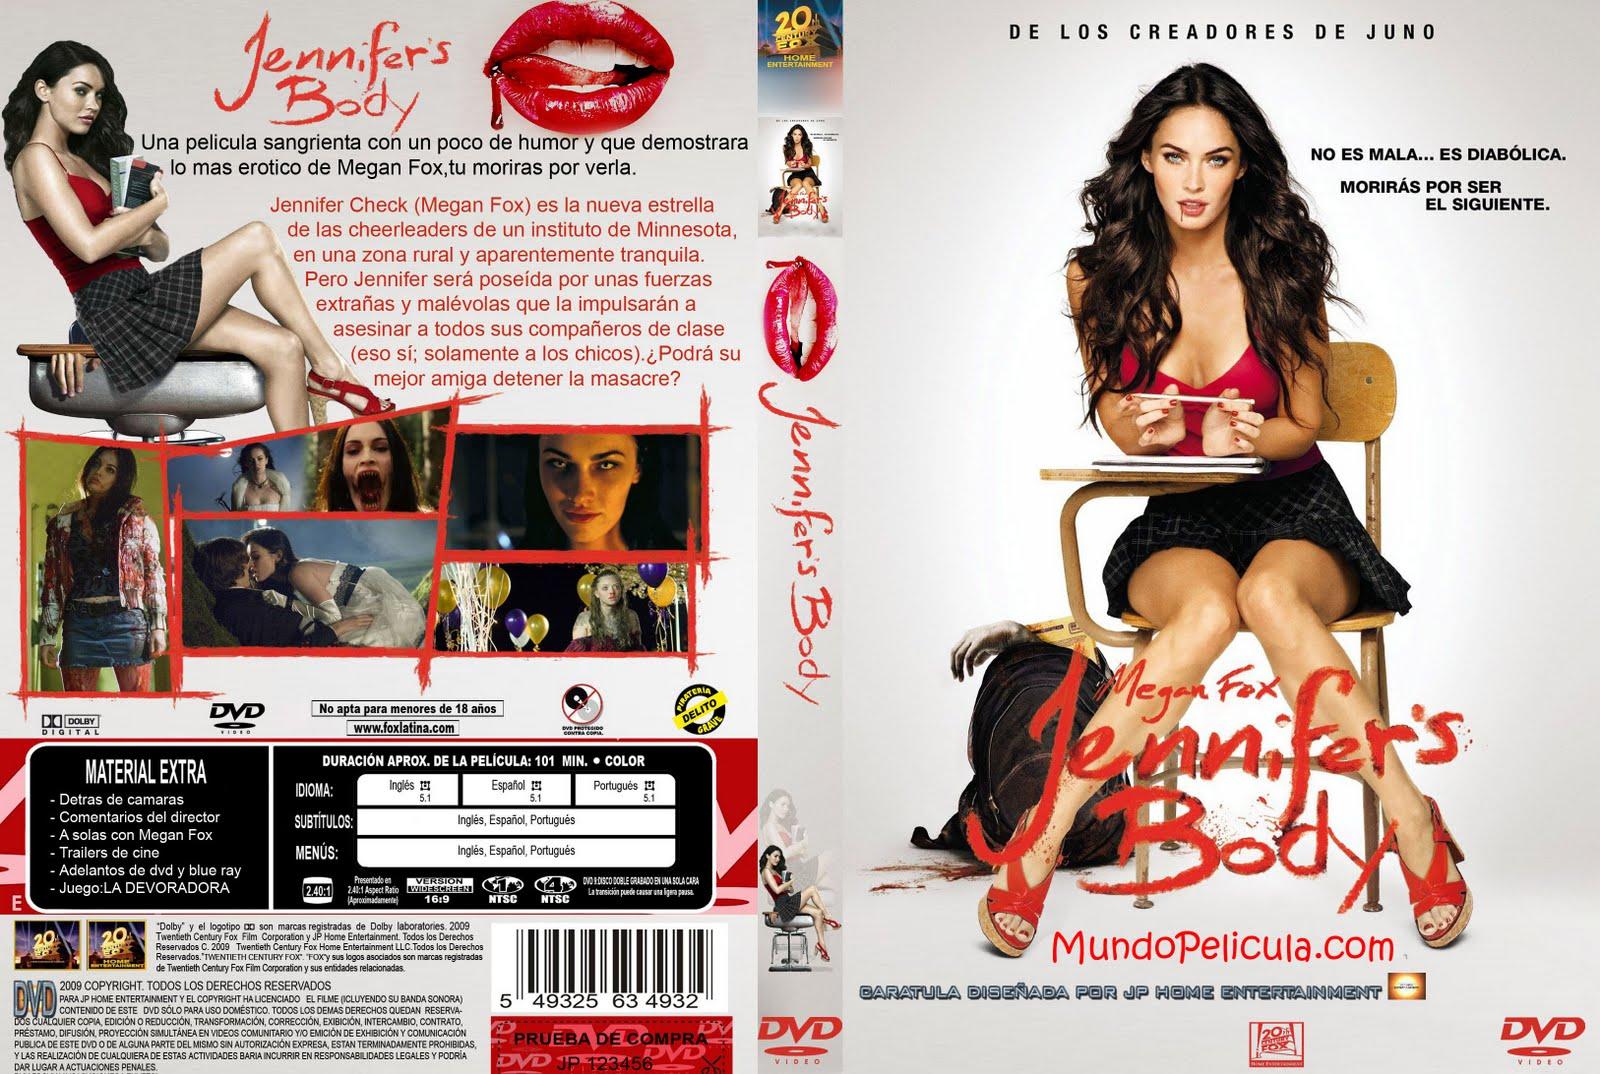 http://3.bp.blogspot.com/_oX5-W-SruQM/SxGvLIdXIAI/AAAAAAAAA5c/X__ZwbaTJ3I/S1600-R/Jennifers_Body-%28MundoPelicula.com%29.jpg